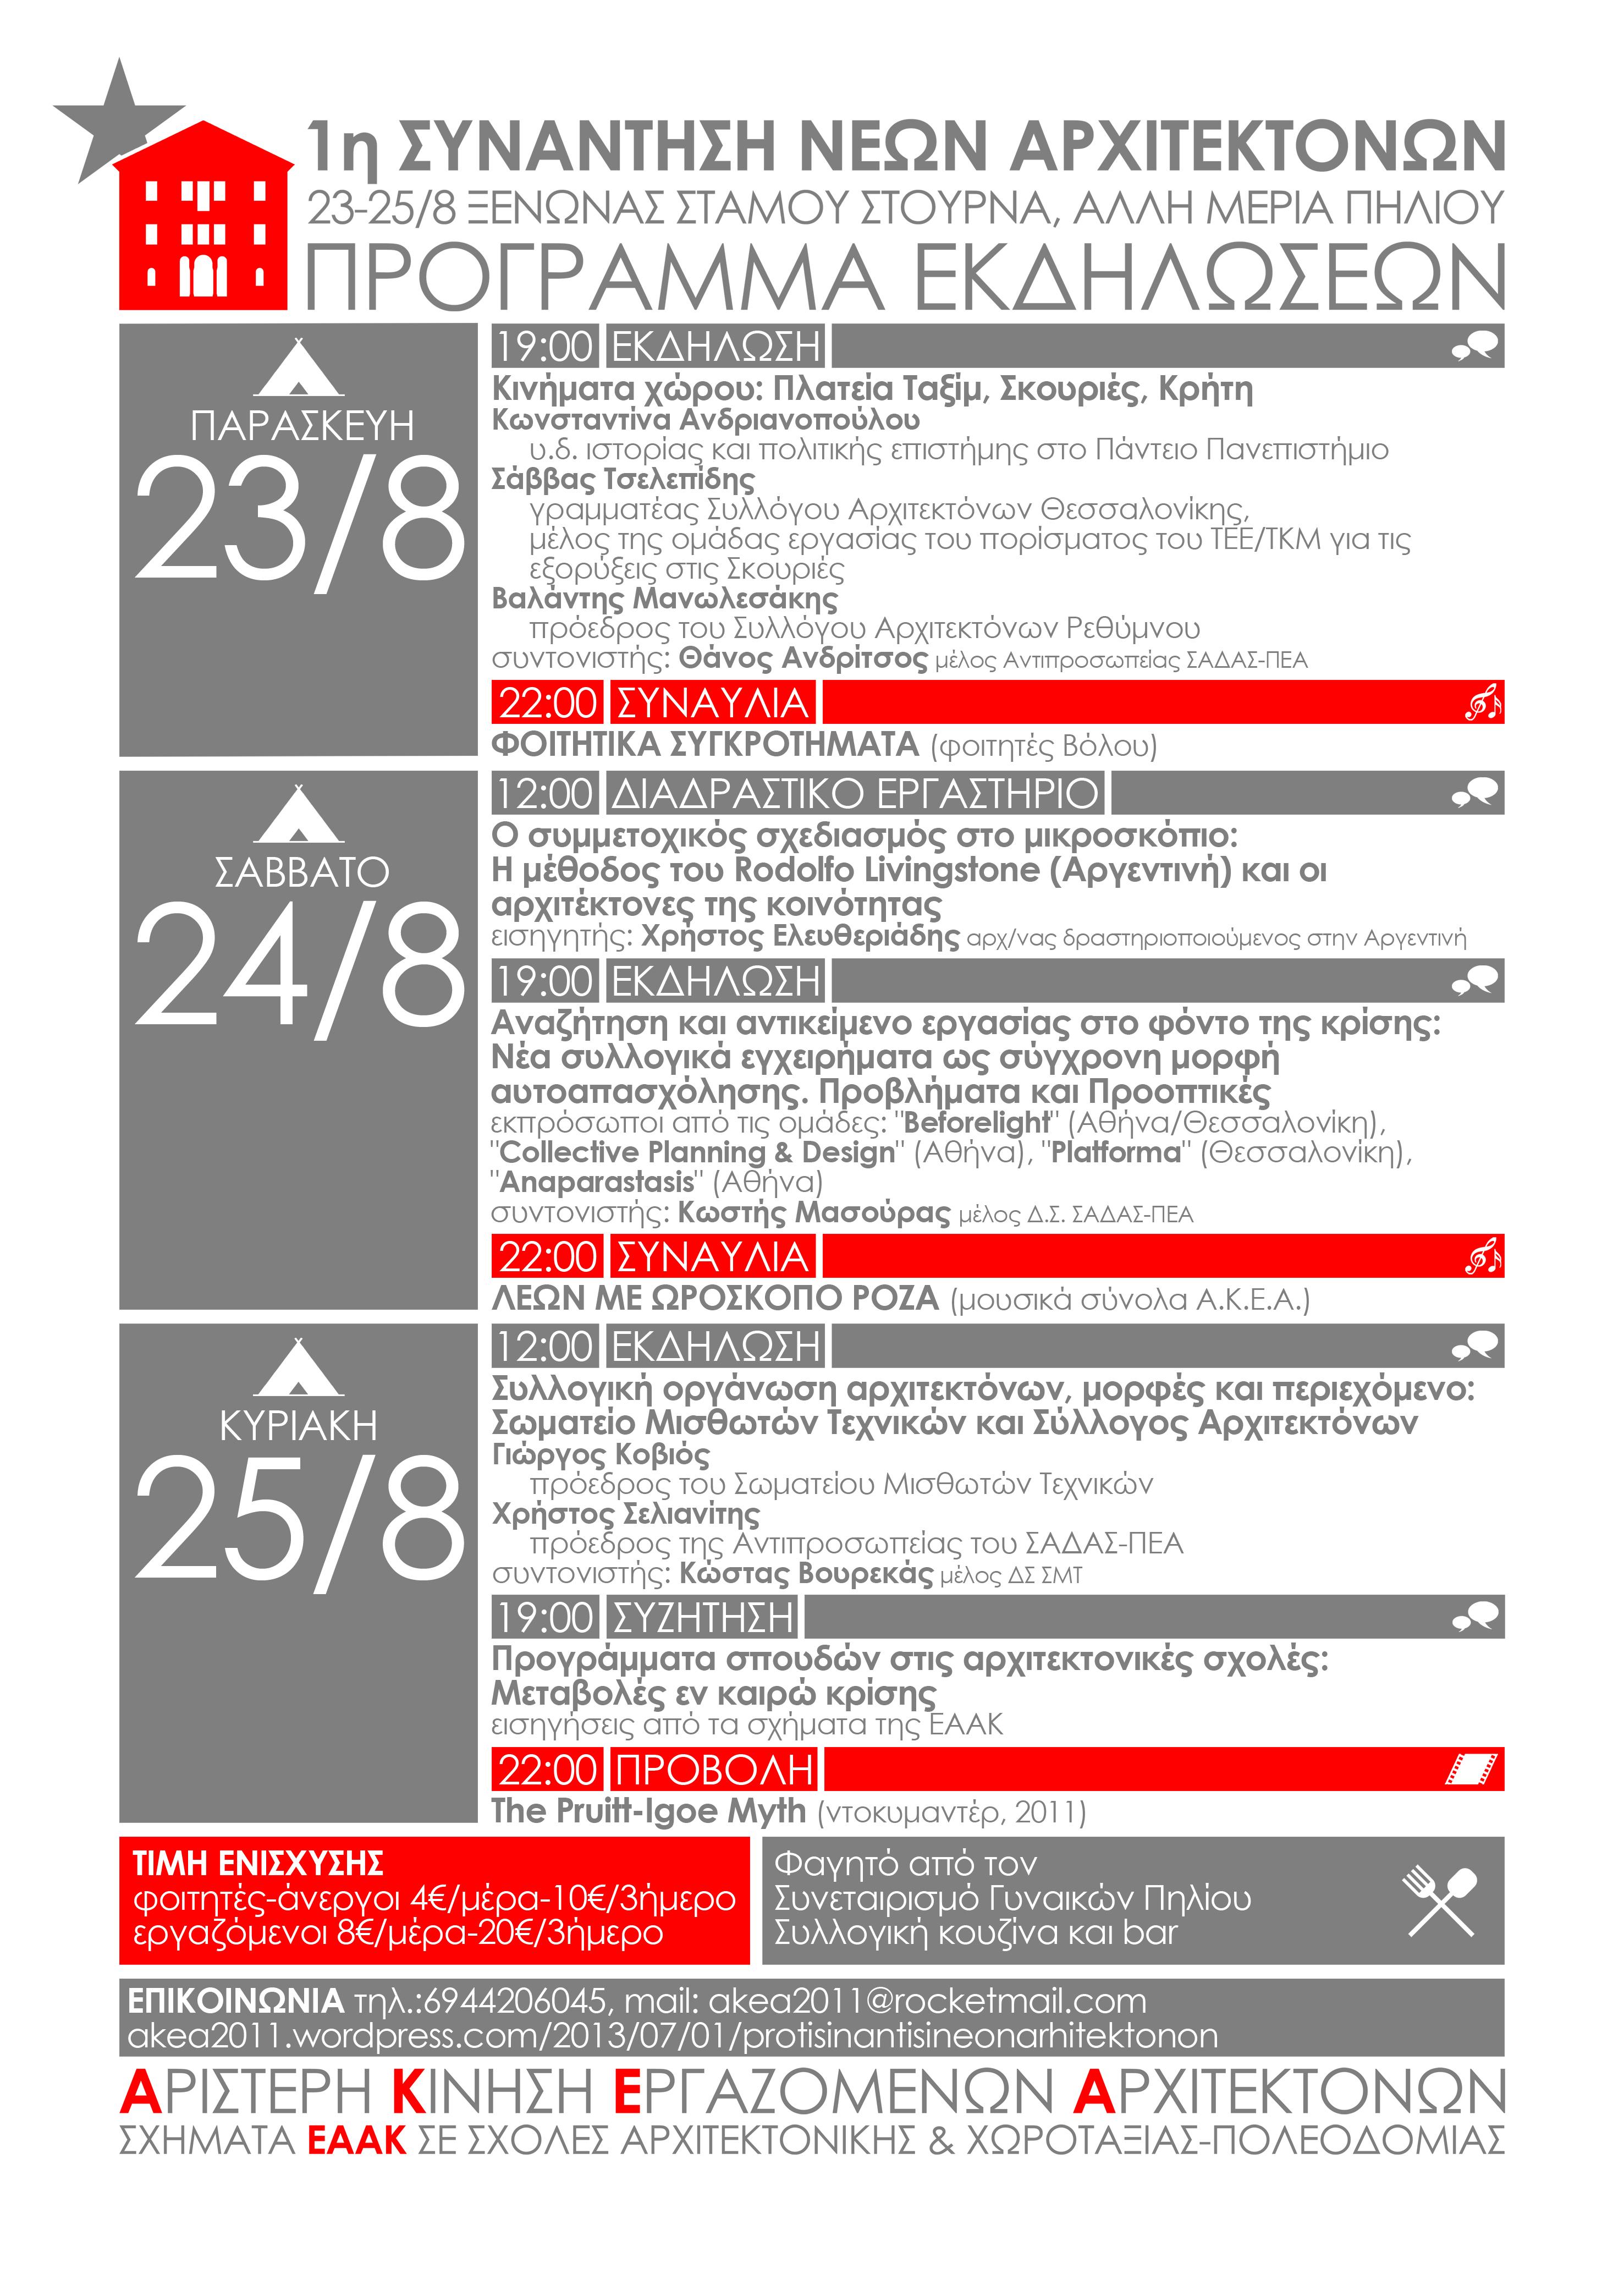 Αφίσα του προγράμματος εκδηλώσεων της 1ης Συνάντησης Νέων Αρχιτεκτόνων στον Ξενώνα Στάμου Στούρνα, 23 - 25 Αυγούστου.